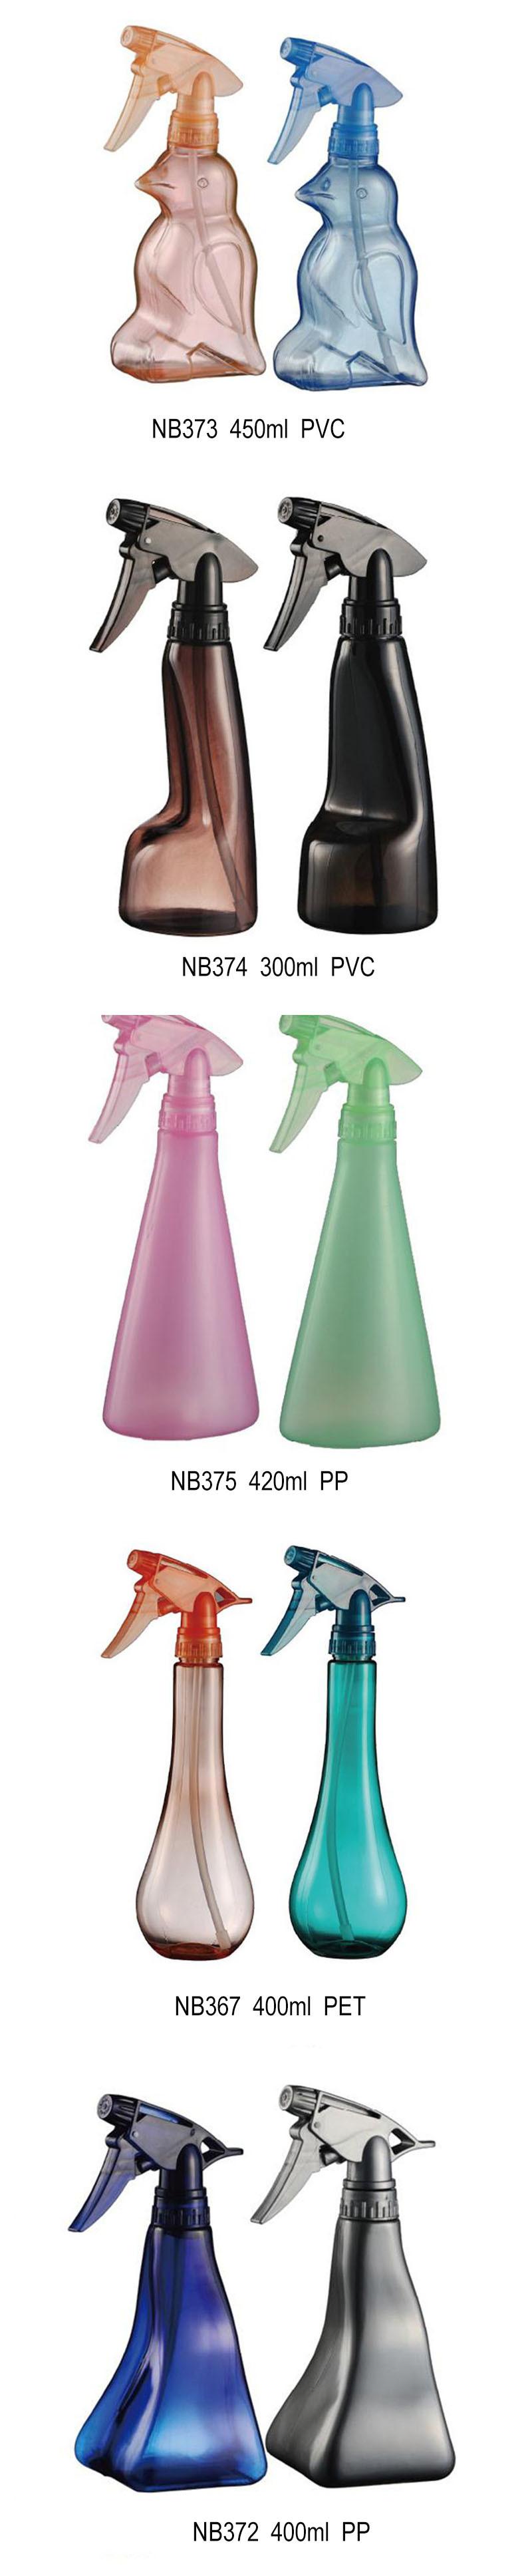 Plastic Trigger Sprayer Bottle for House Cleaning 400ml (NB367)